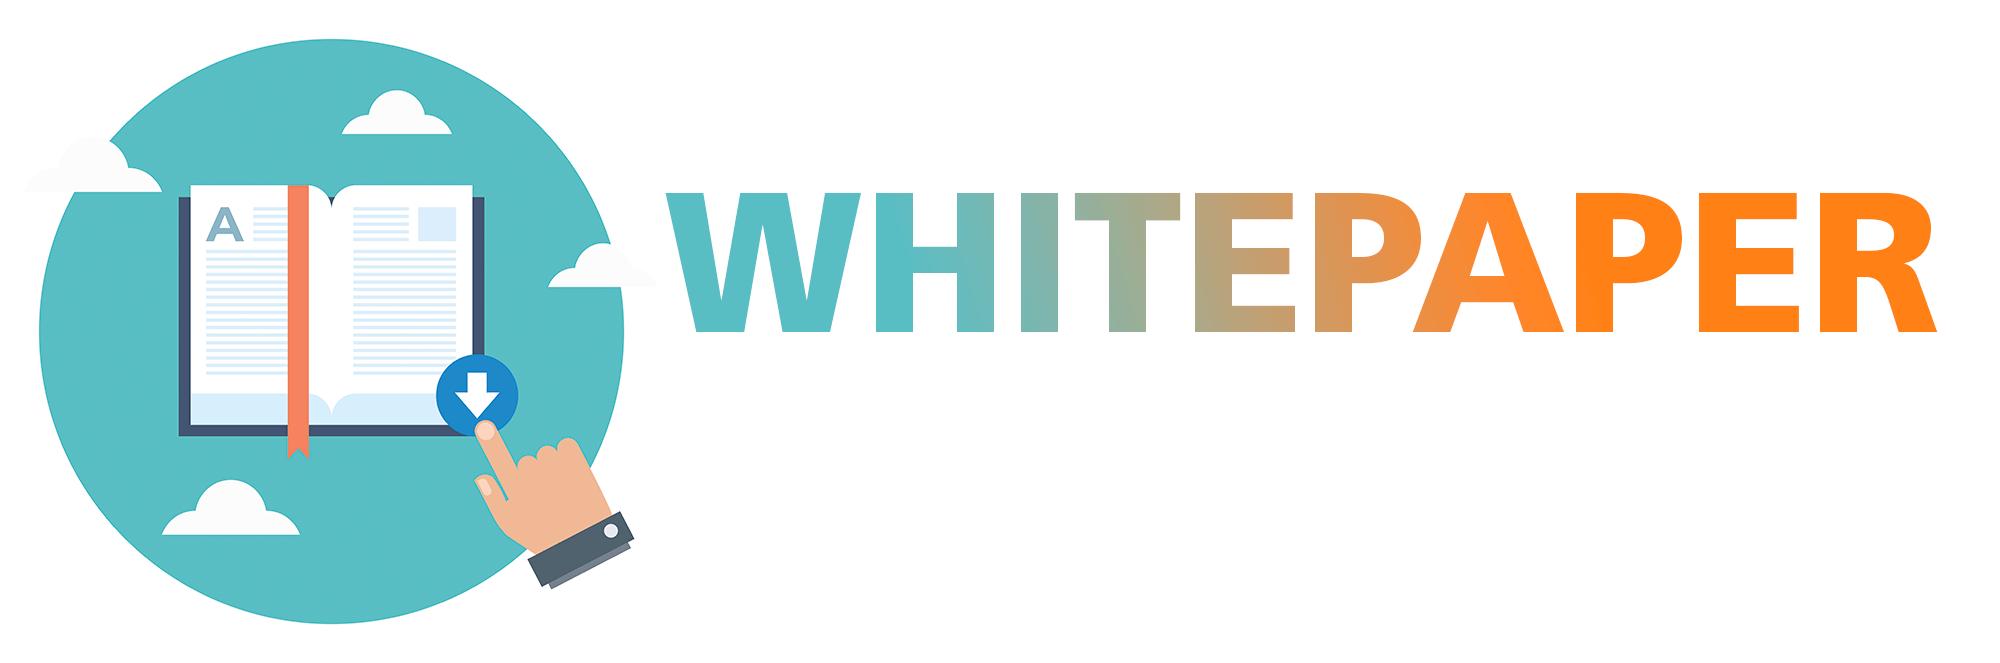 cgw whitepaper header